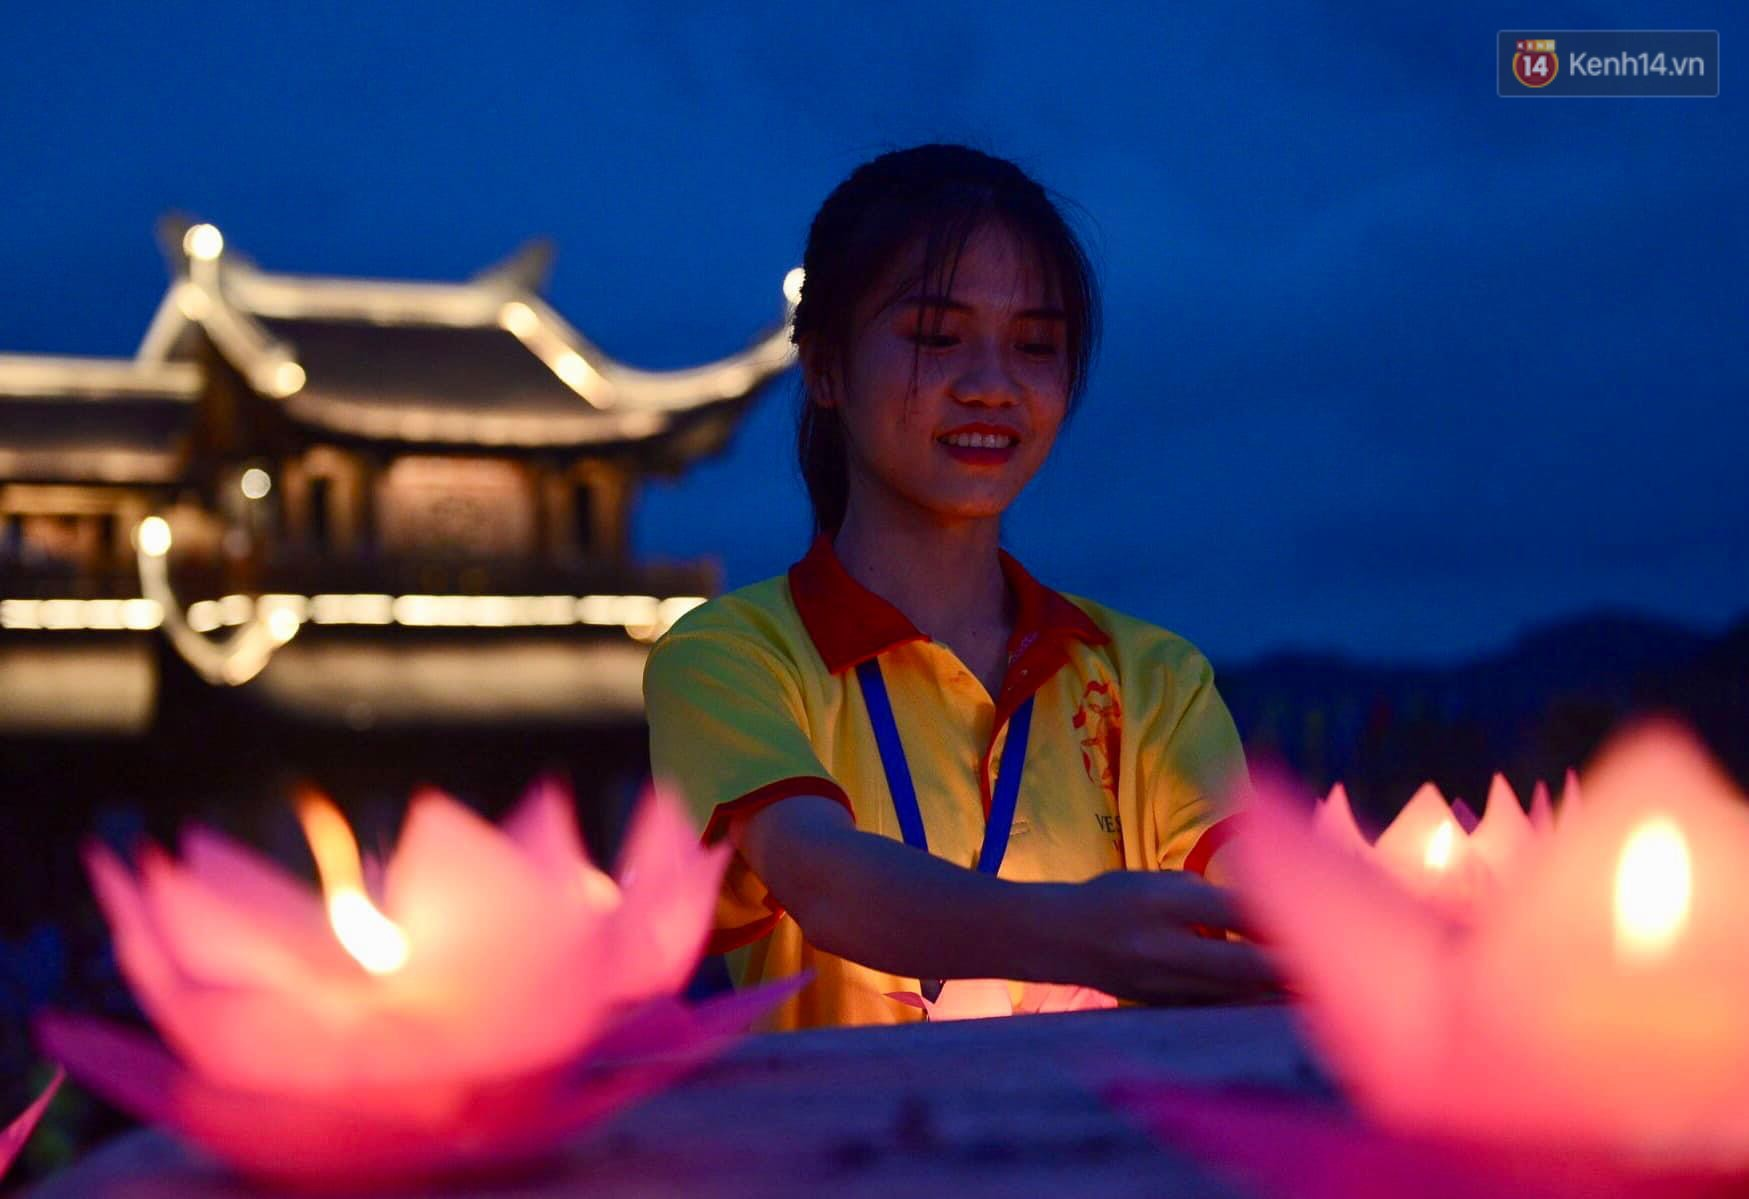 Hàng vạn người tham gia buổi lễ cầu nguyện hoà bình và hoa đăng tại chùa Tam Chúc - Ảnh 15.